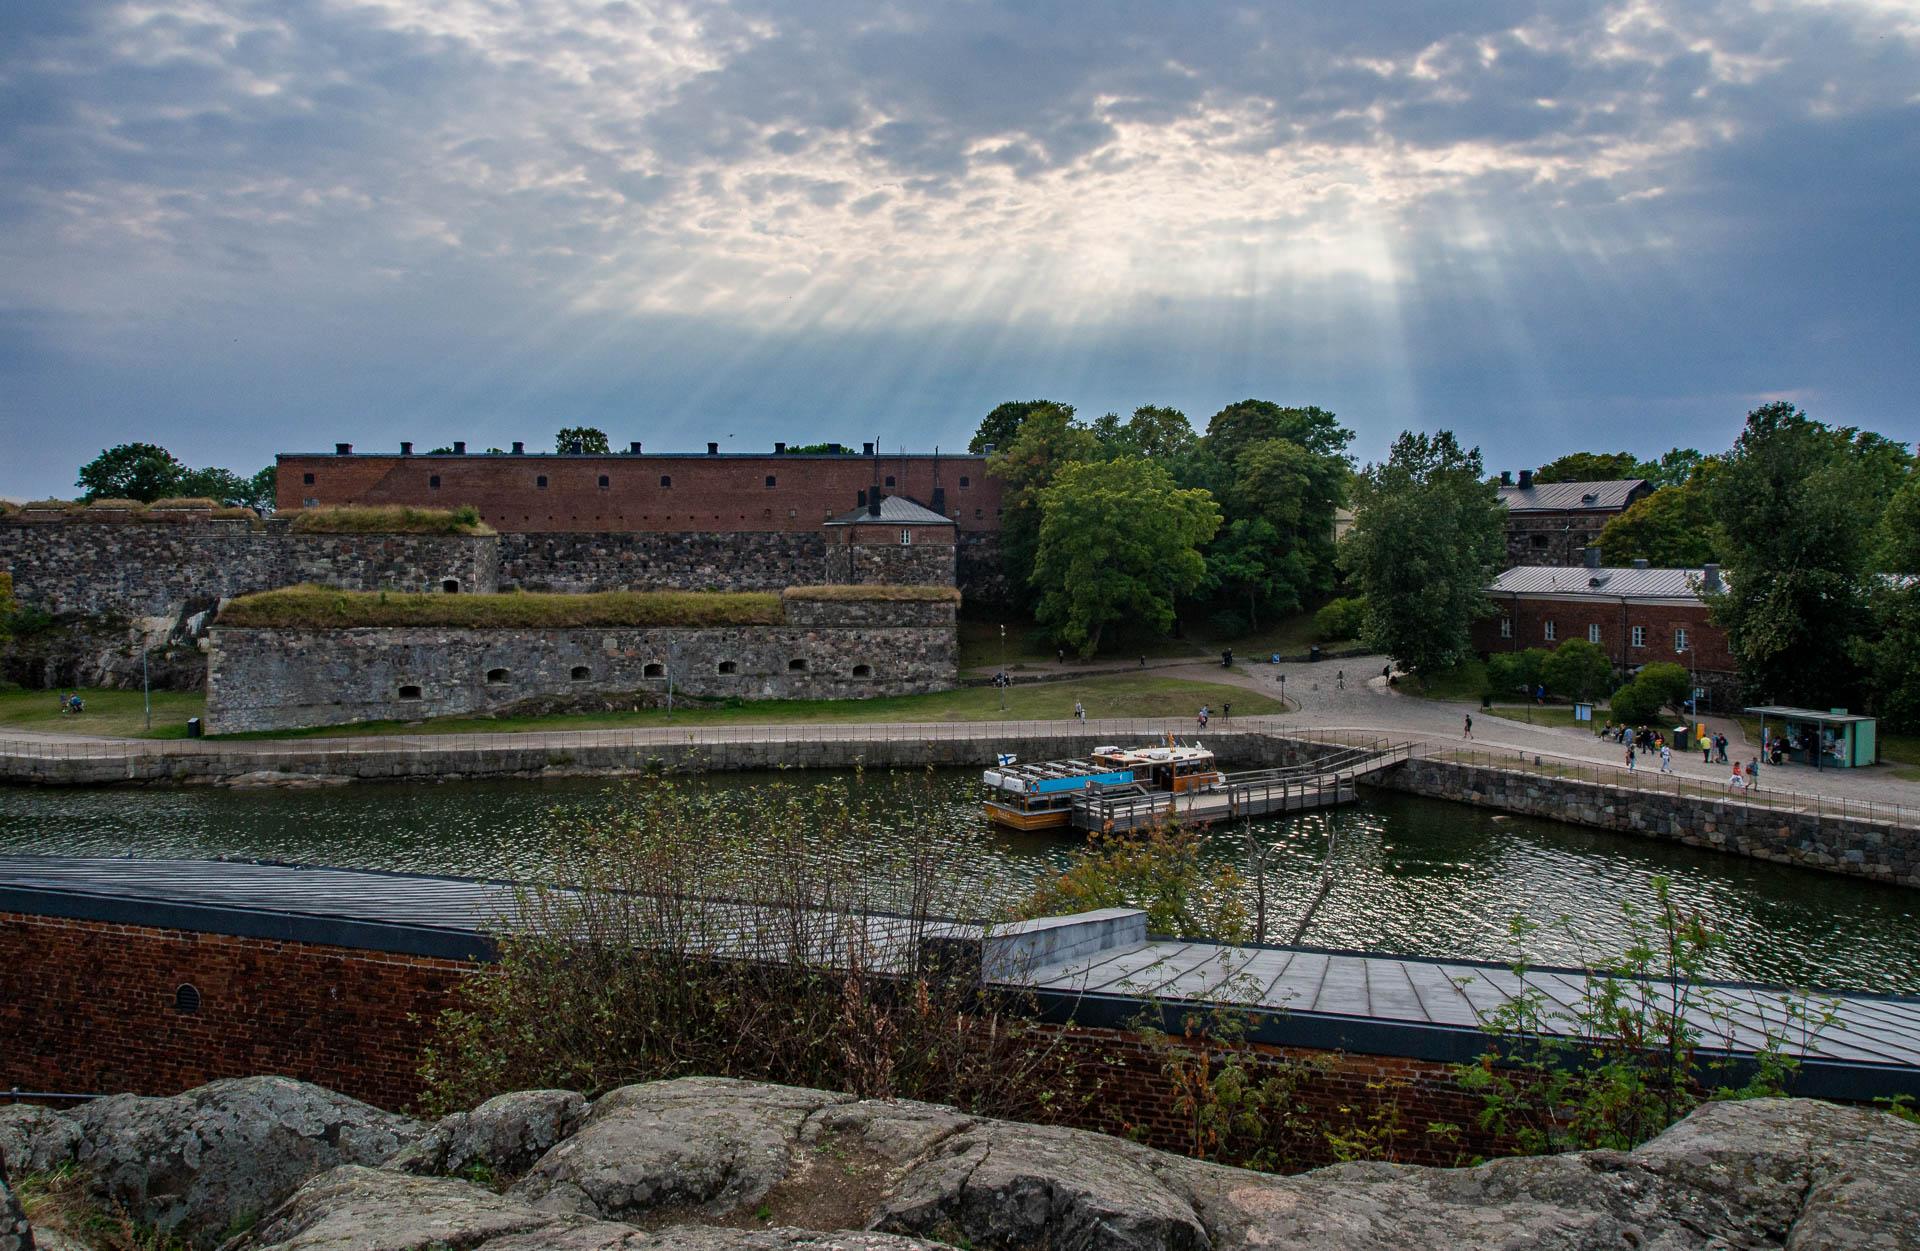 Suomenlinna on poikkeuksellinen asuinpaikka